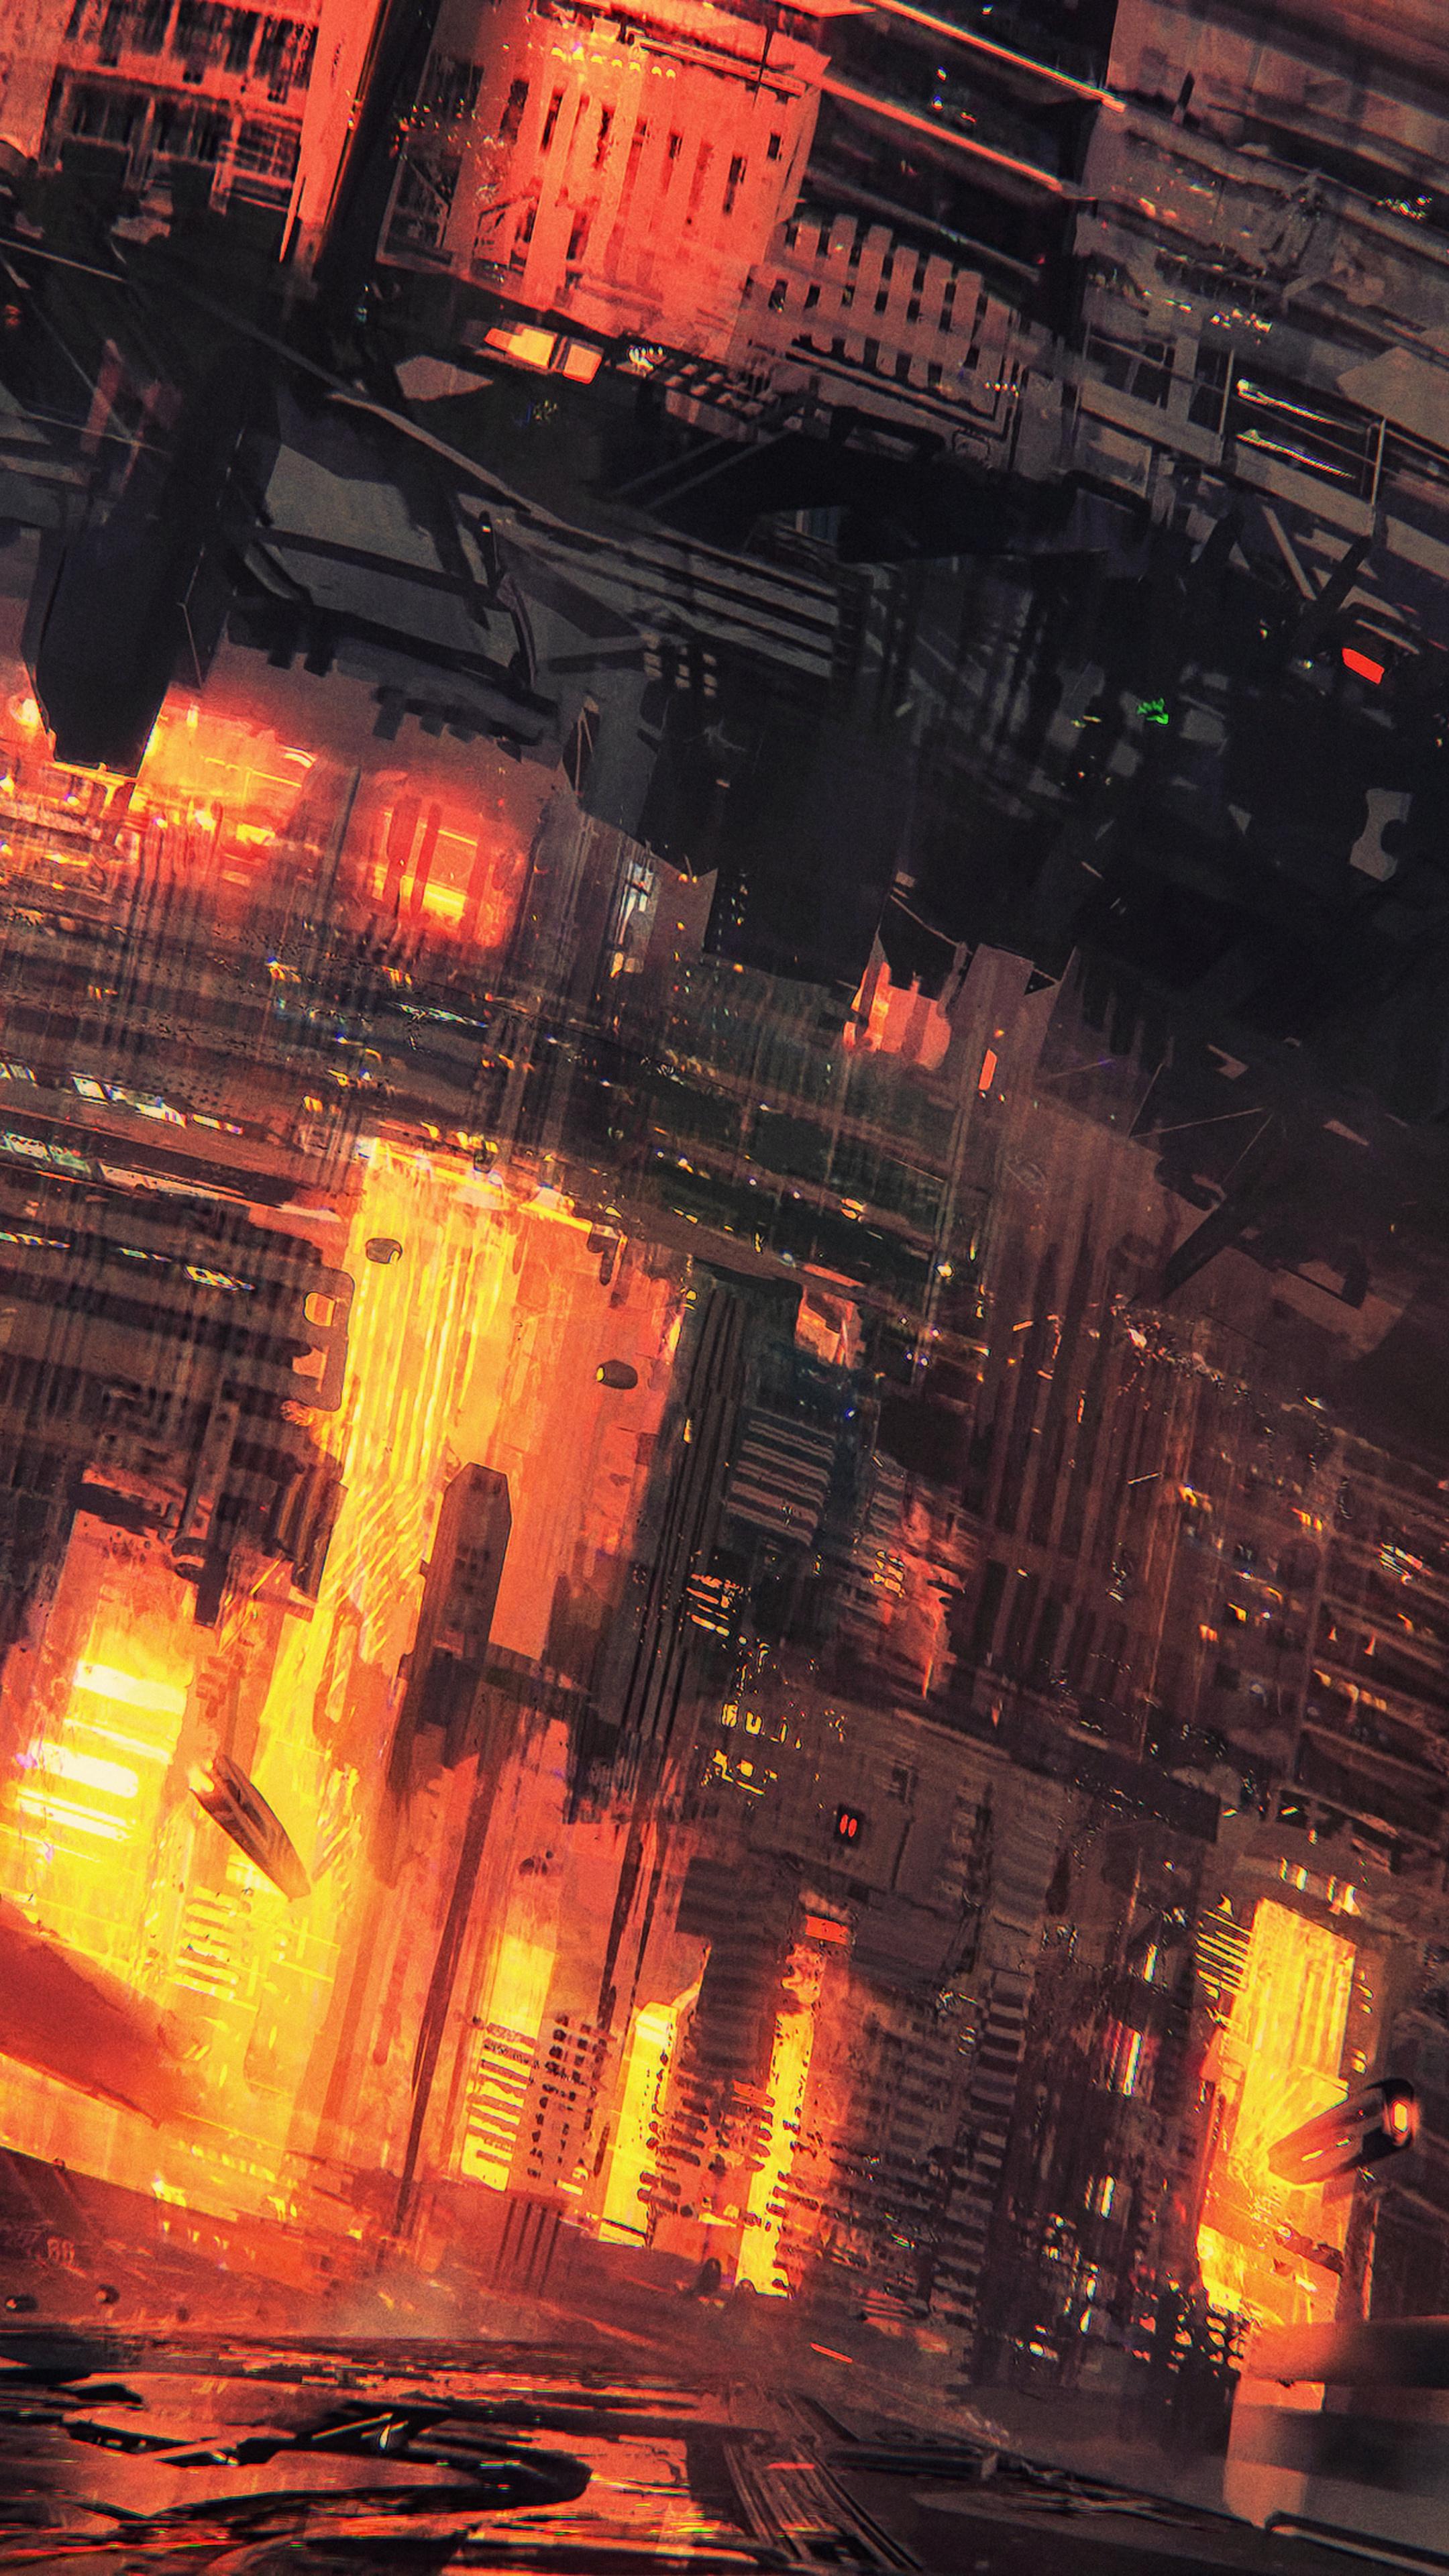 Cyberpunk Human Concept Art